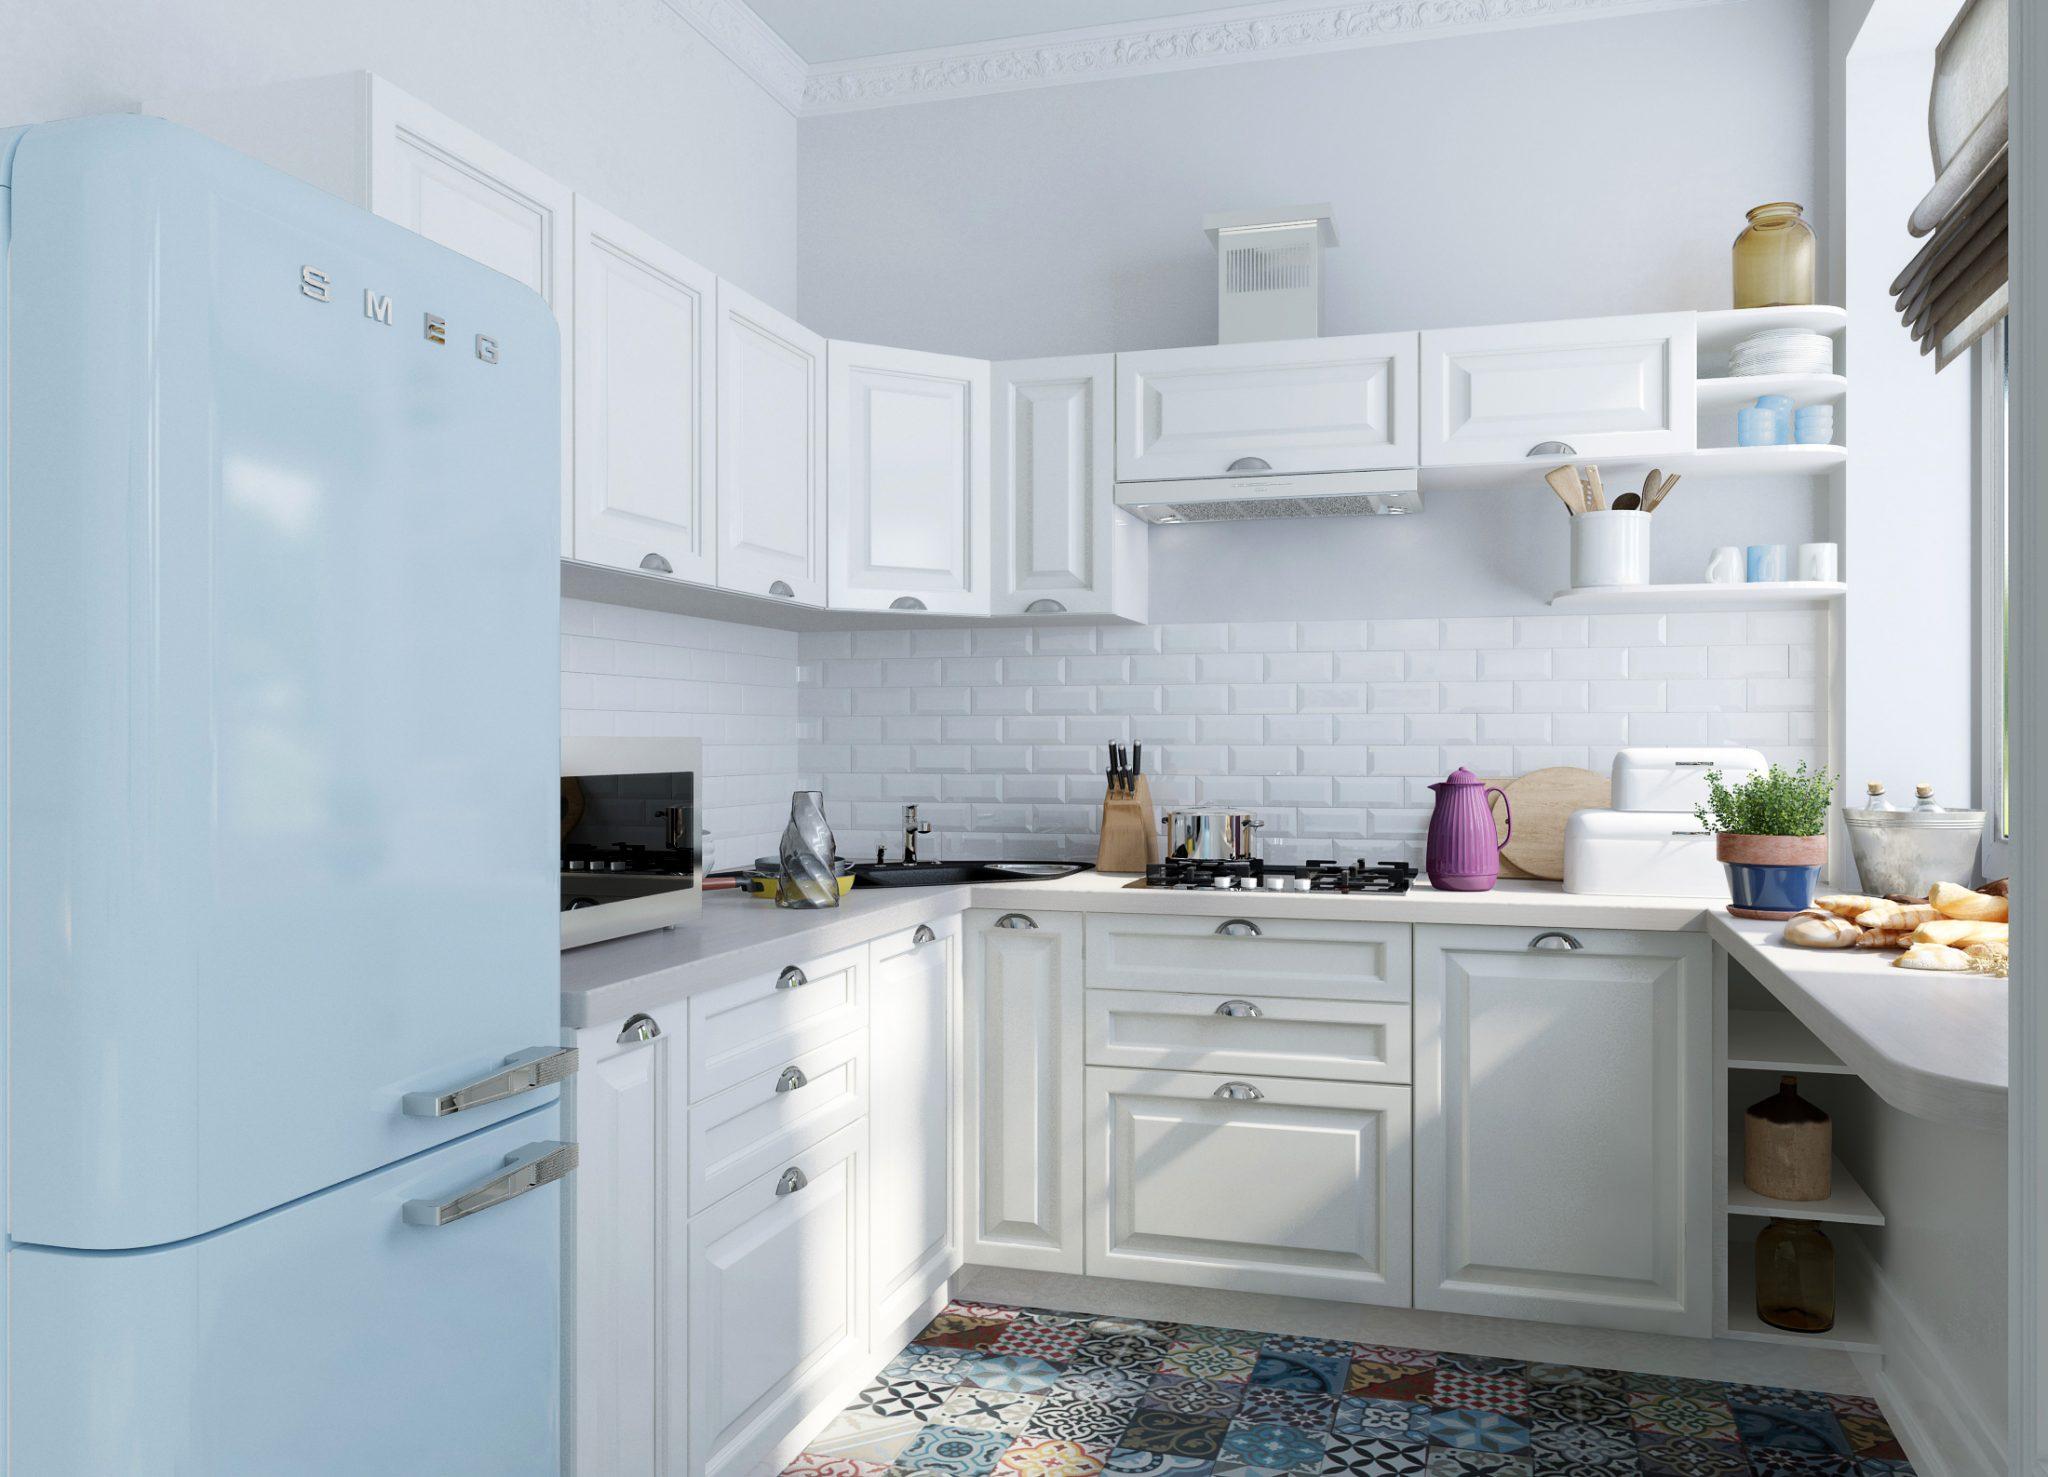 Cocina blanca suelos ceramica hoy lowcost for Cocinas blancas